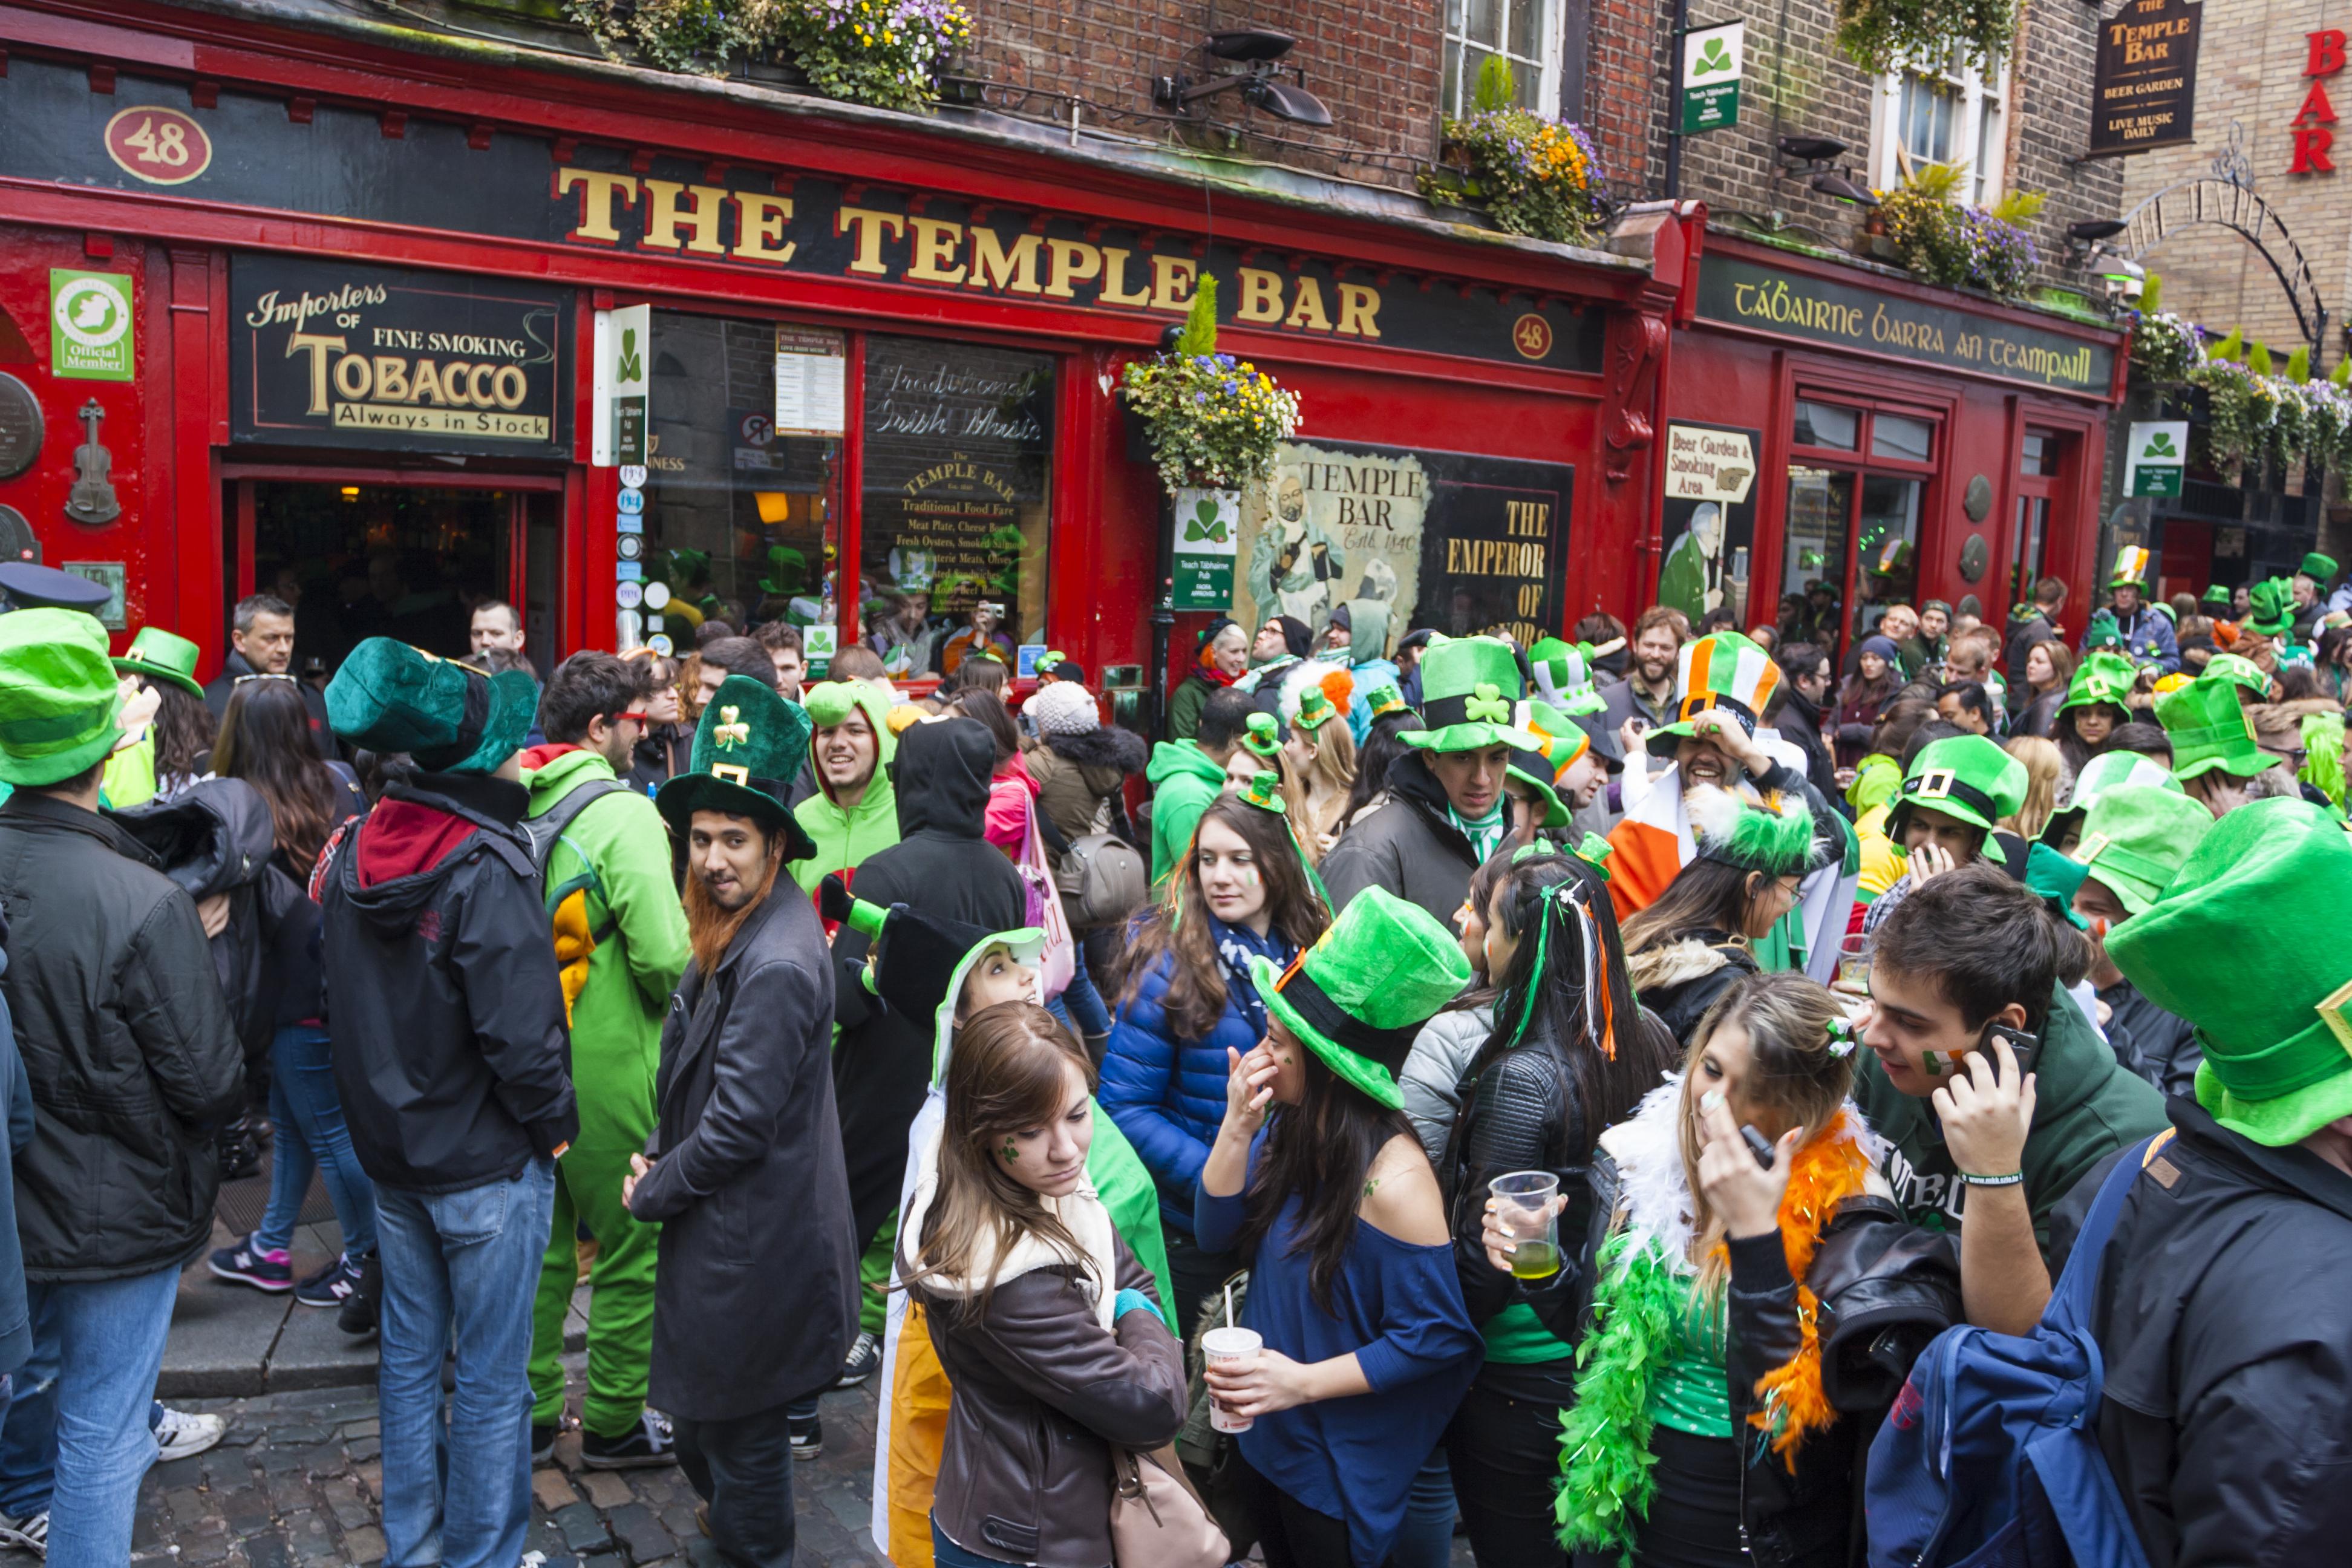 Besuche Dublin mit seinem ansteckenden Ambiente - RIU.com | Blog ...